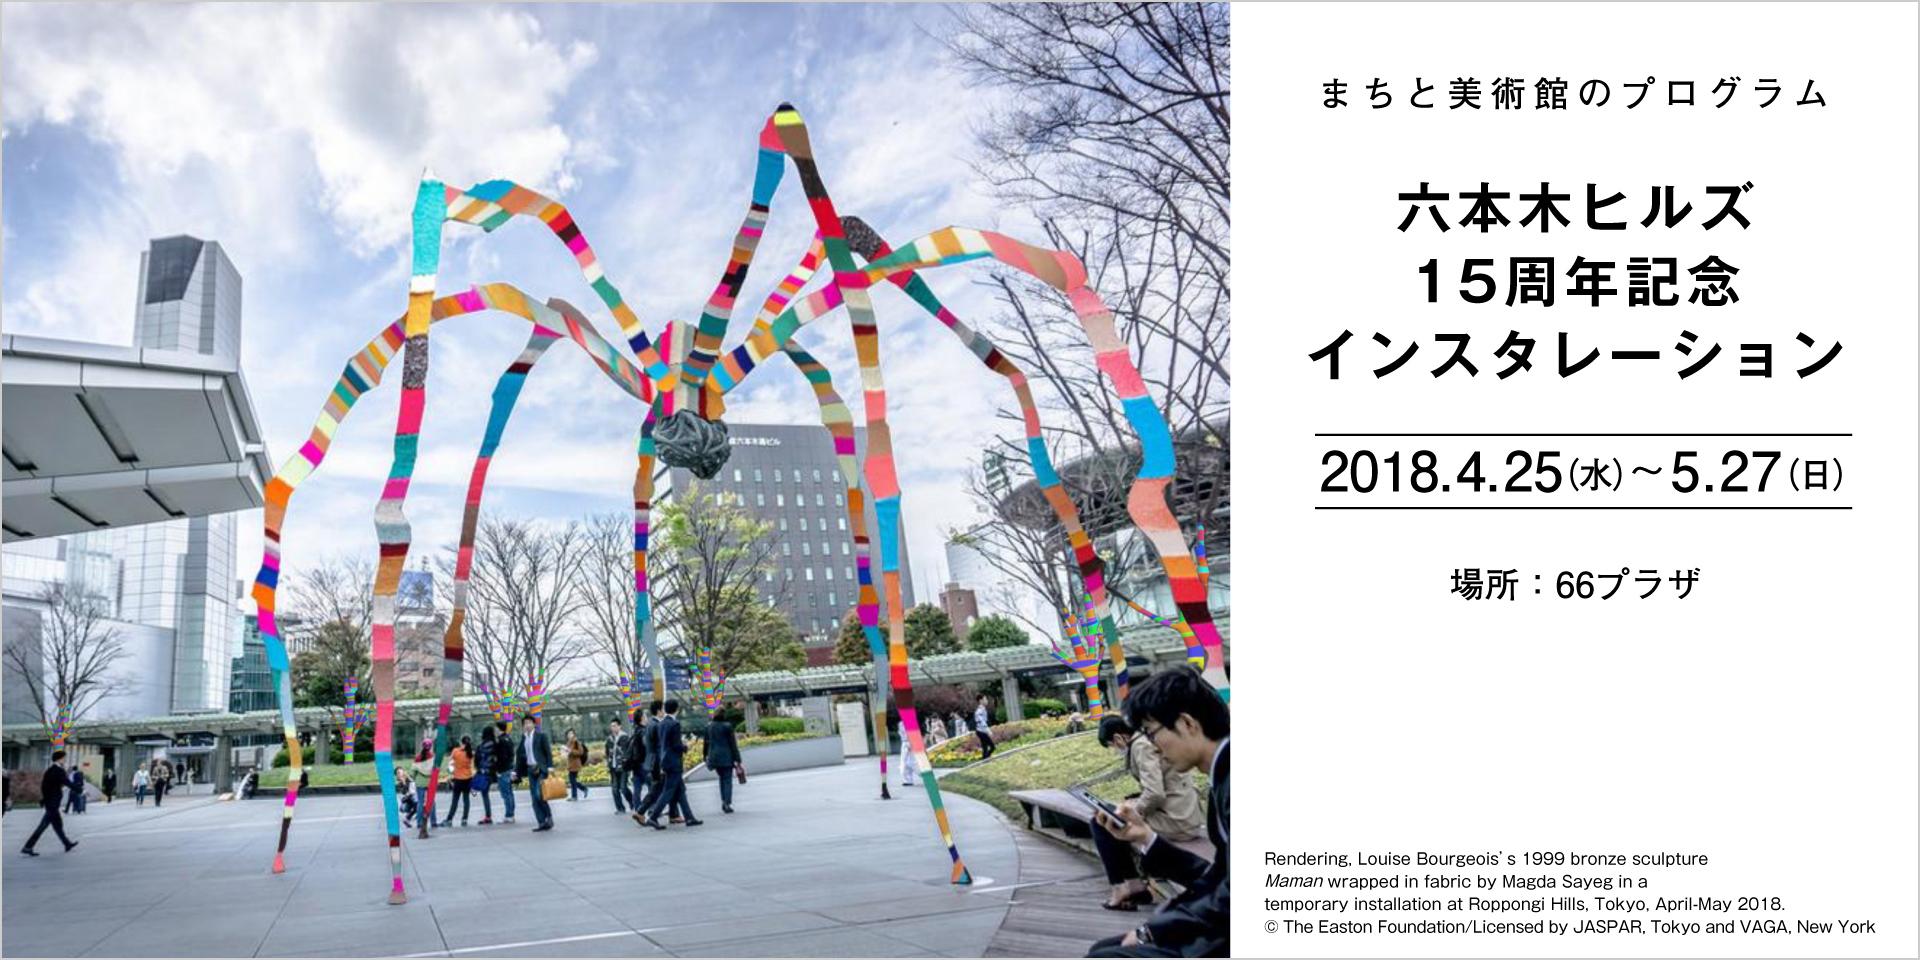 まちと美術館のプログラム「六本木ヒルズ15周年記念インスタレーション」